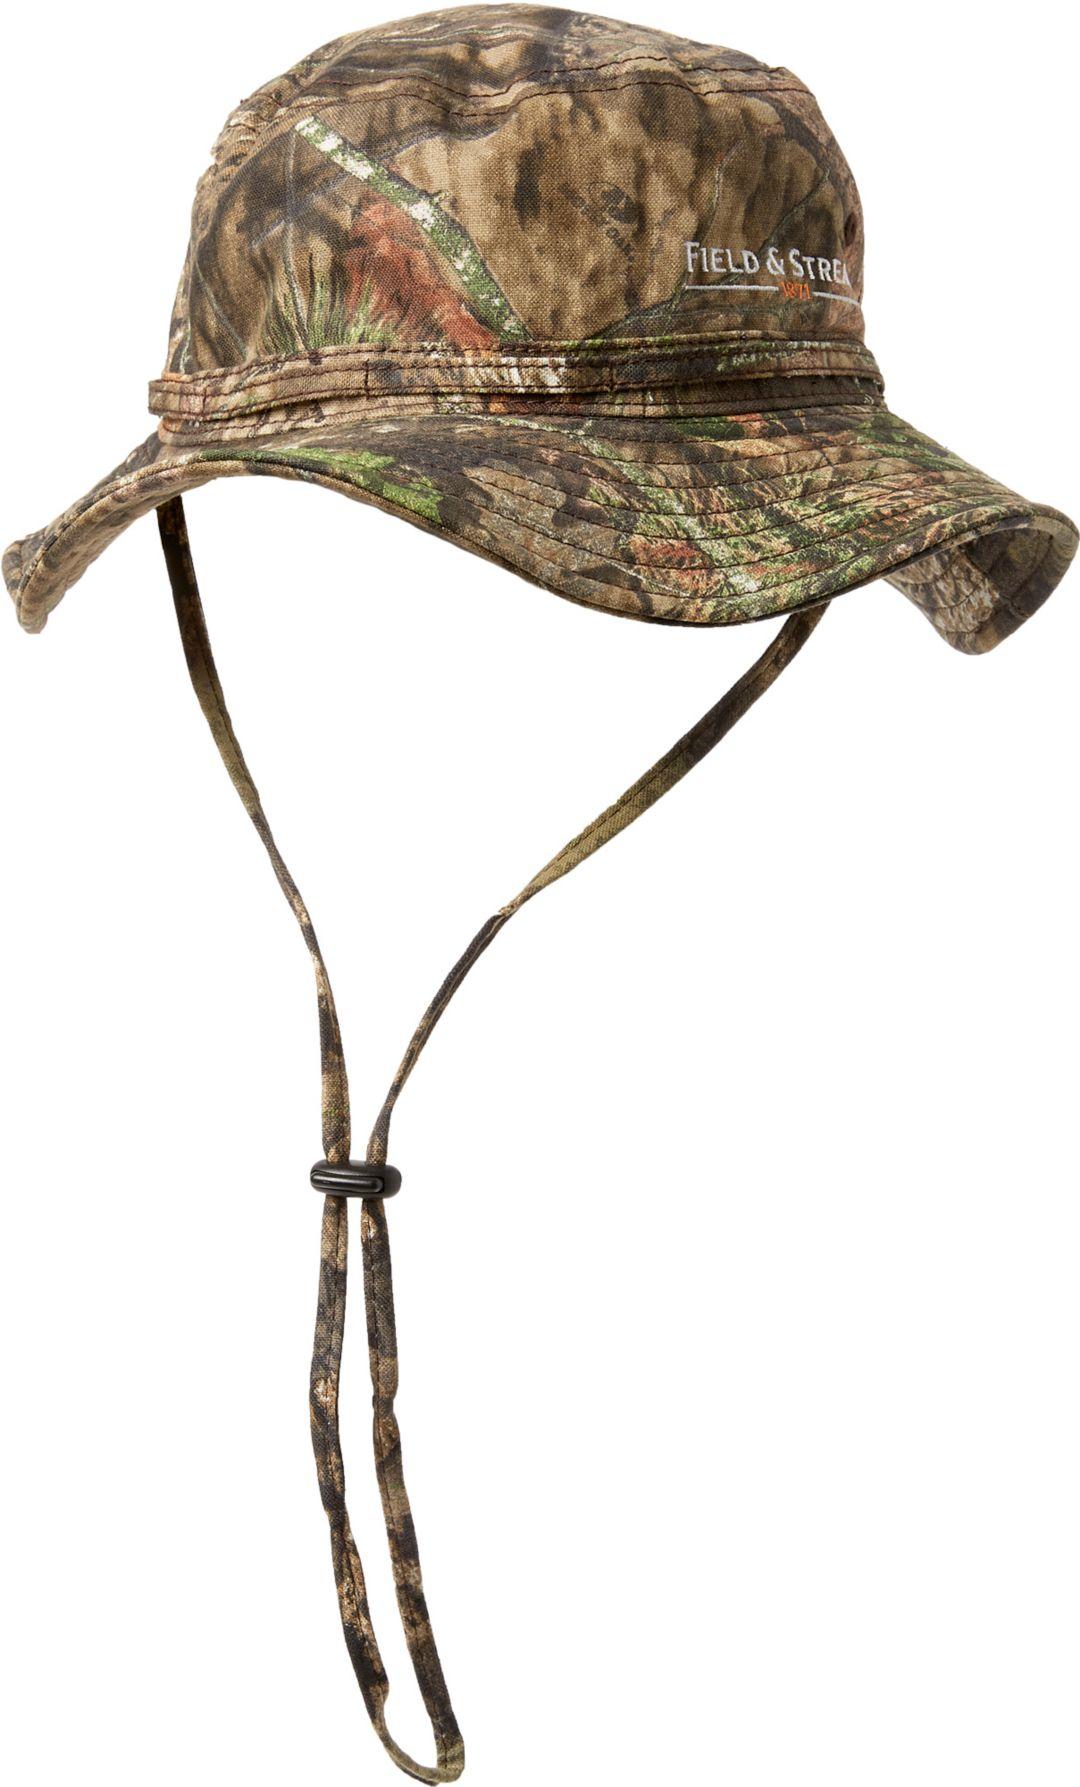 94b59a2ee943e8 Field & Stream Men's Camo Bucket Hat | Field & Stream